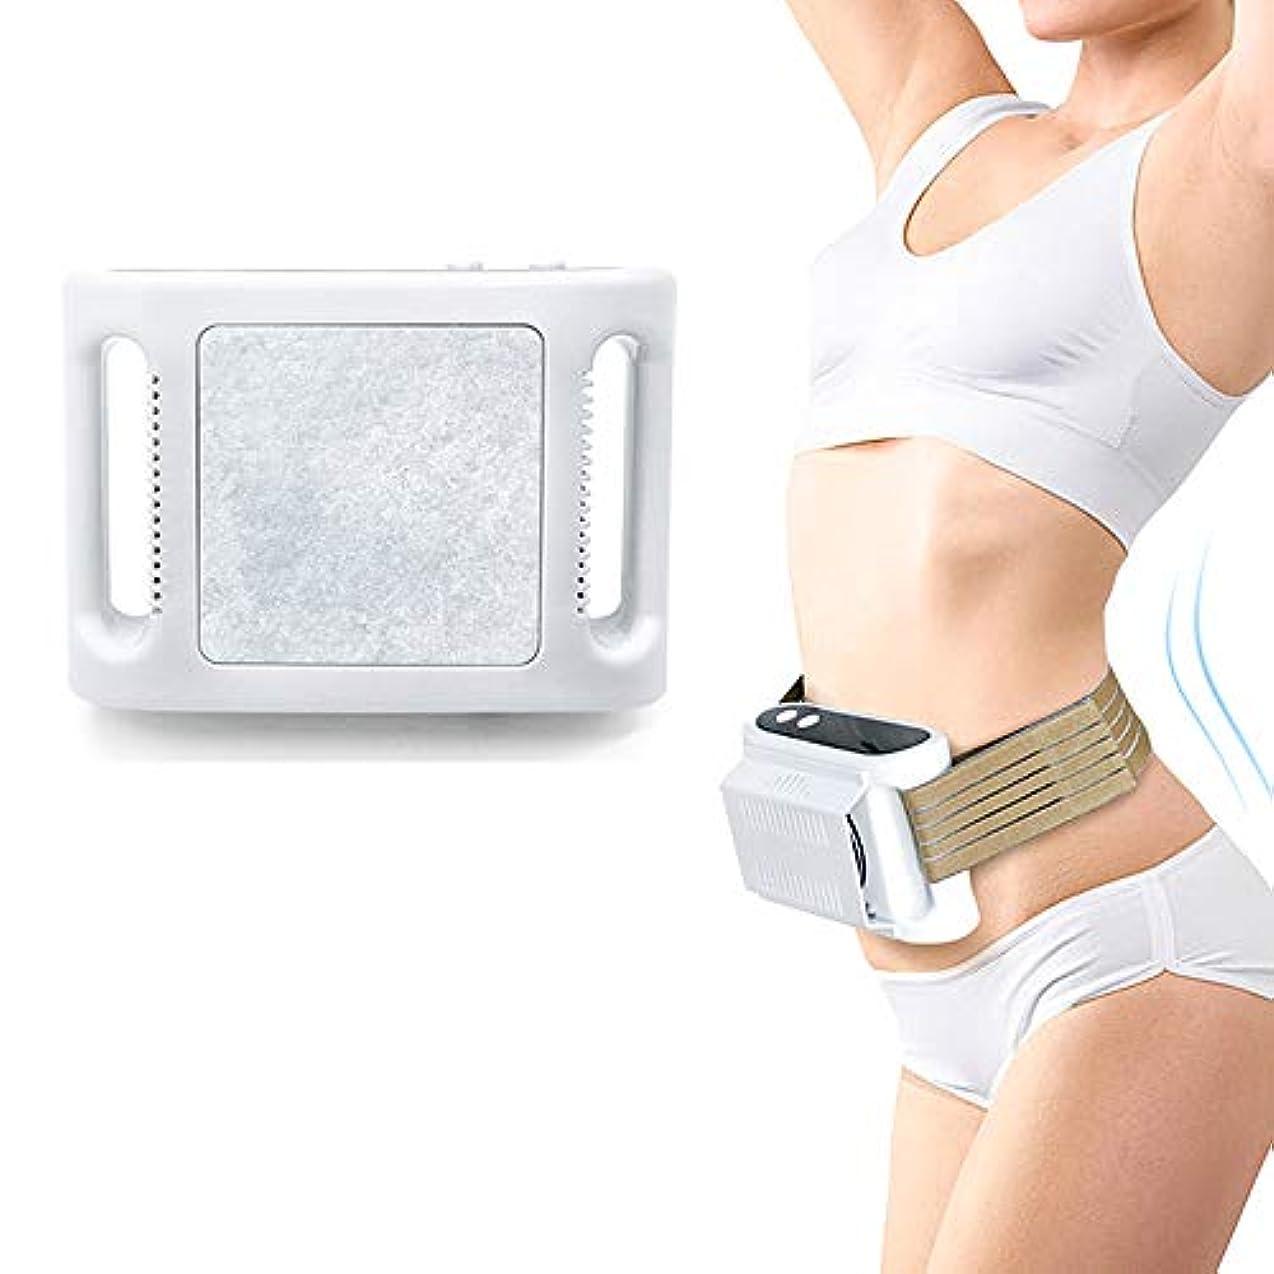 モーター悪党社会凍結脂肪除去器具腰トレーナー減量多機能ボディ整形マッサージ女性男性のための美容機器